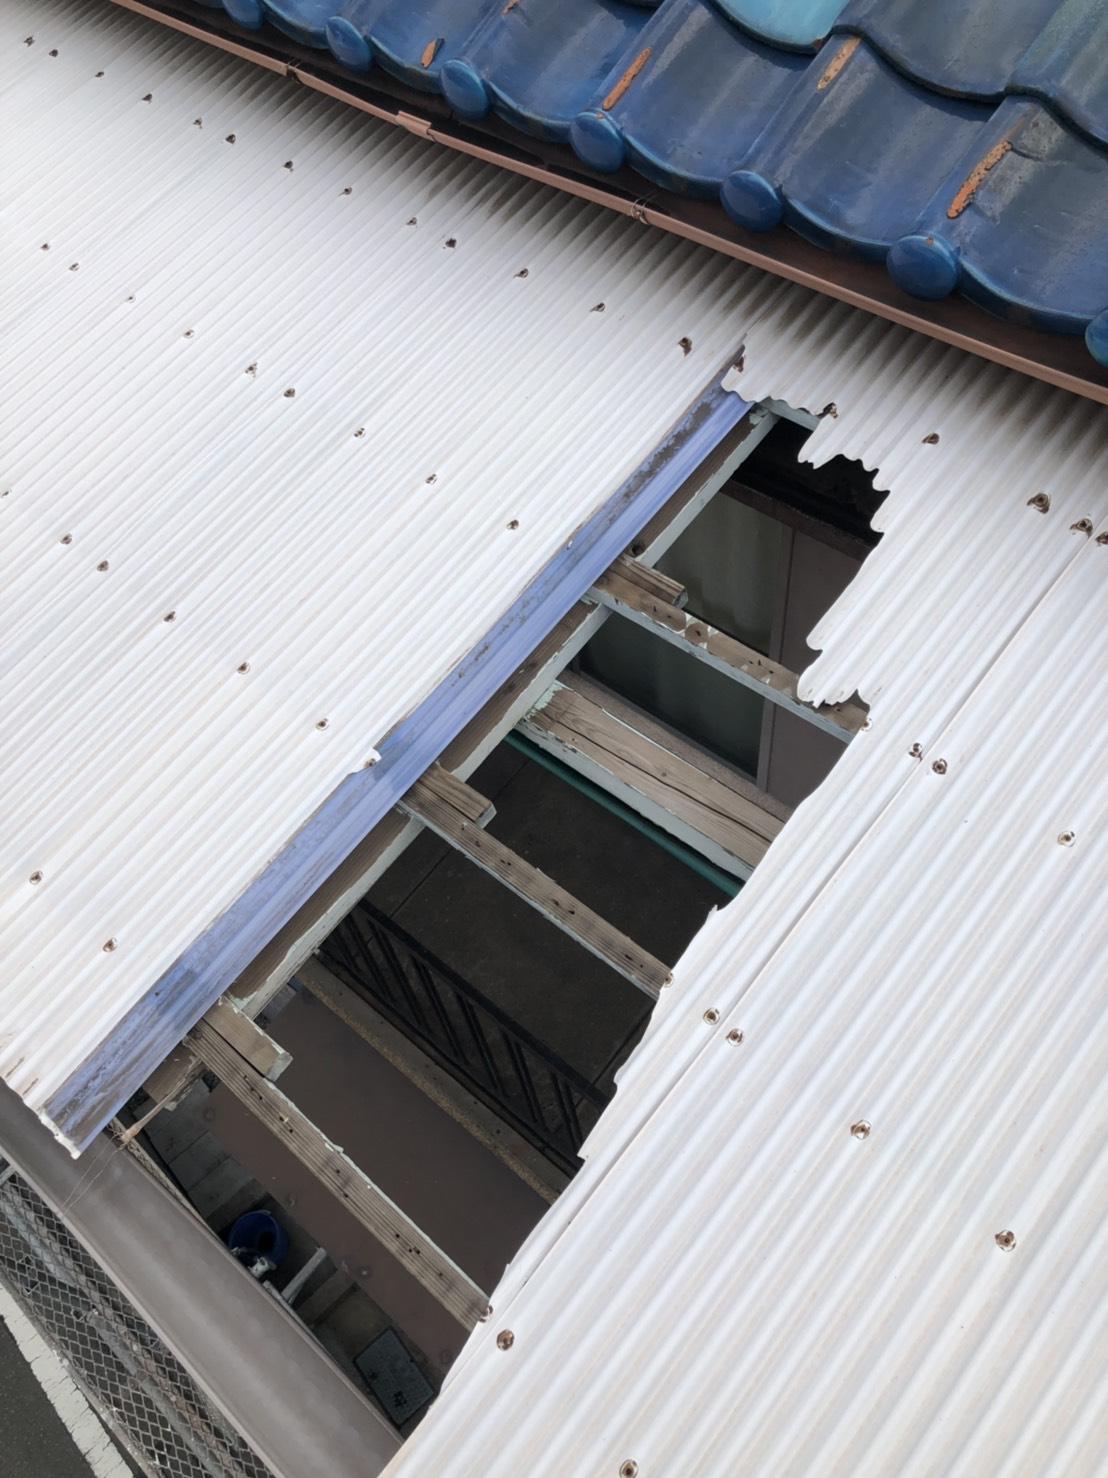 播磨町で波板交換前の劣化したベランダ屋根